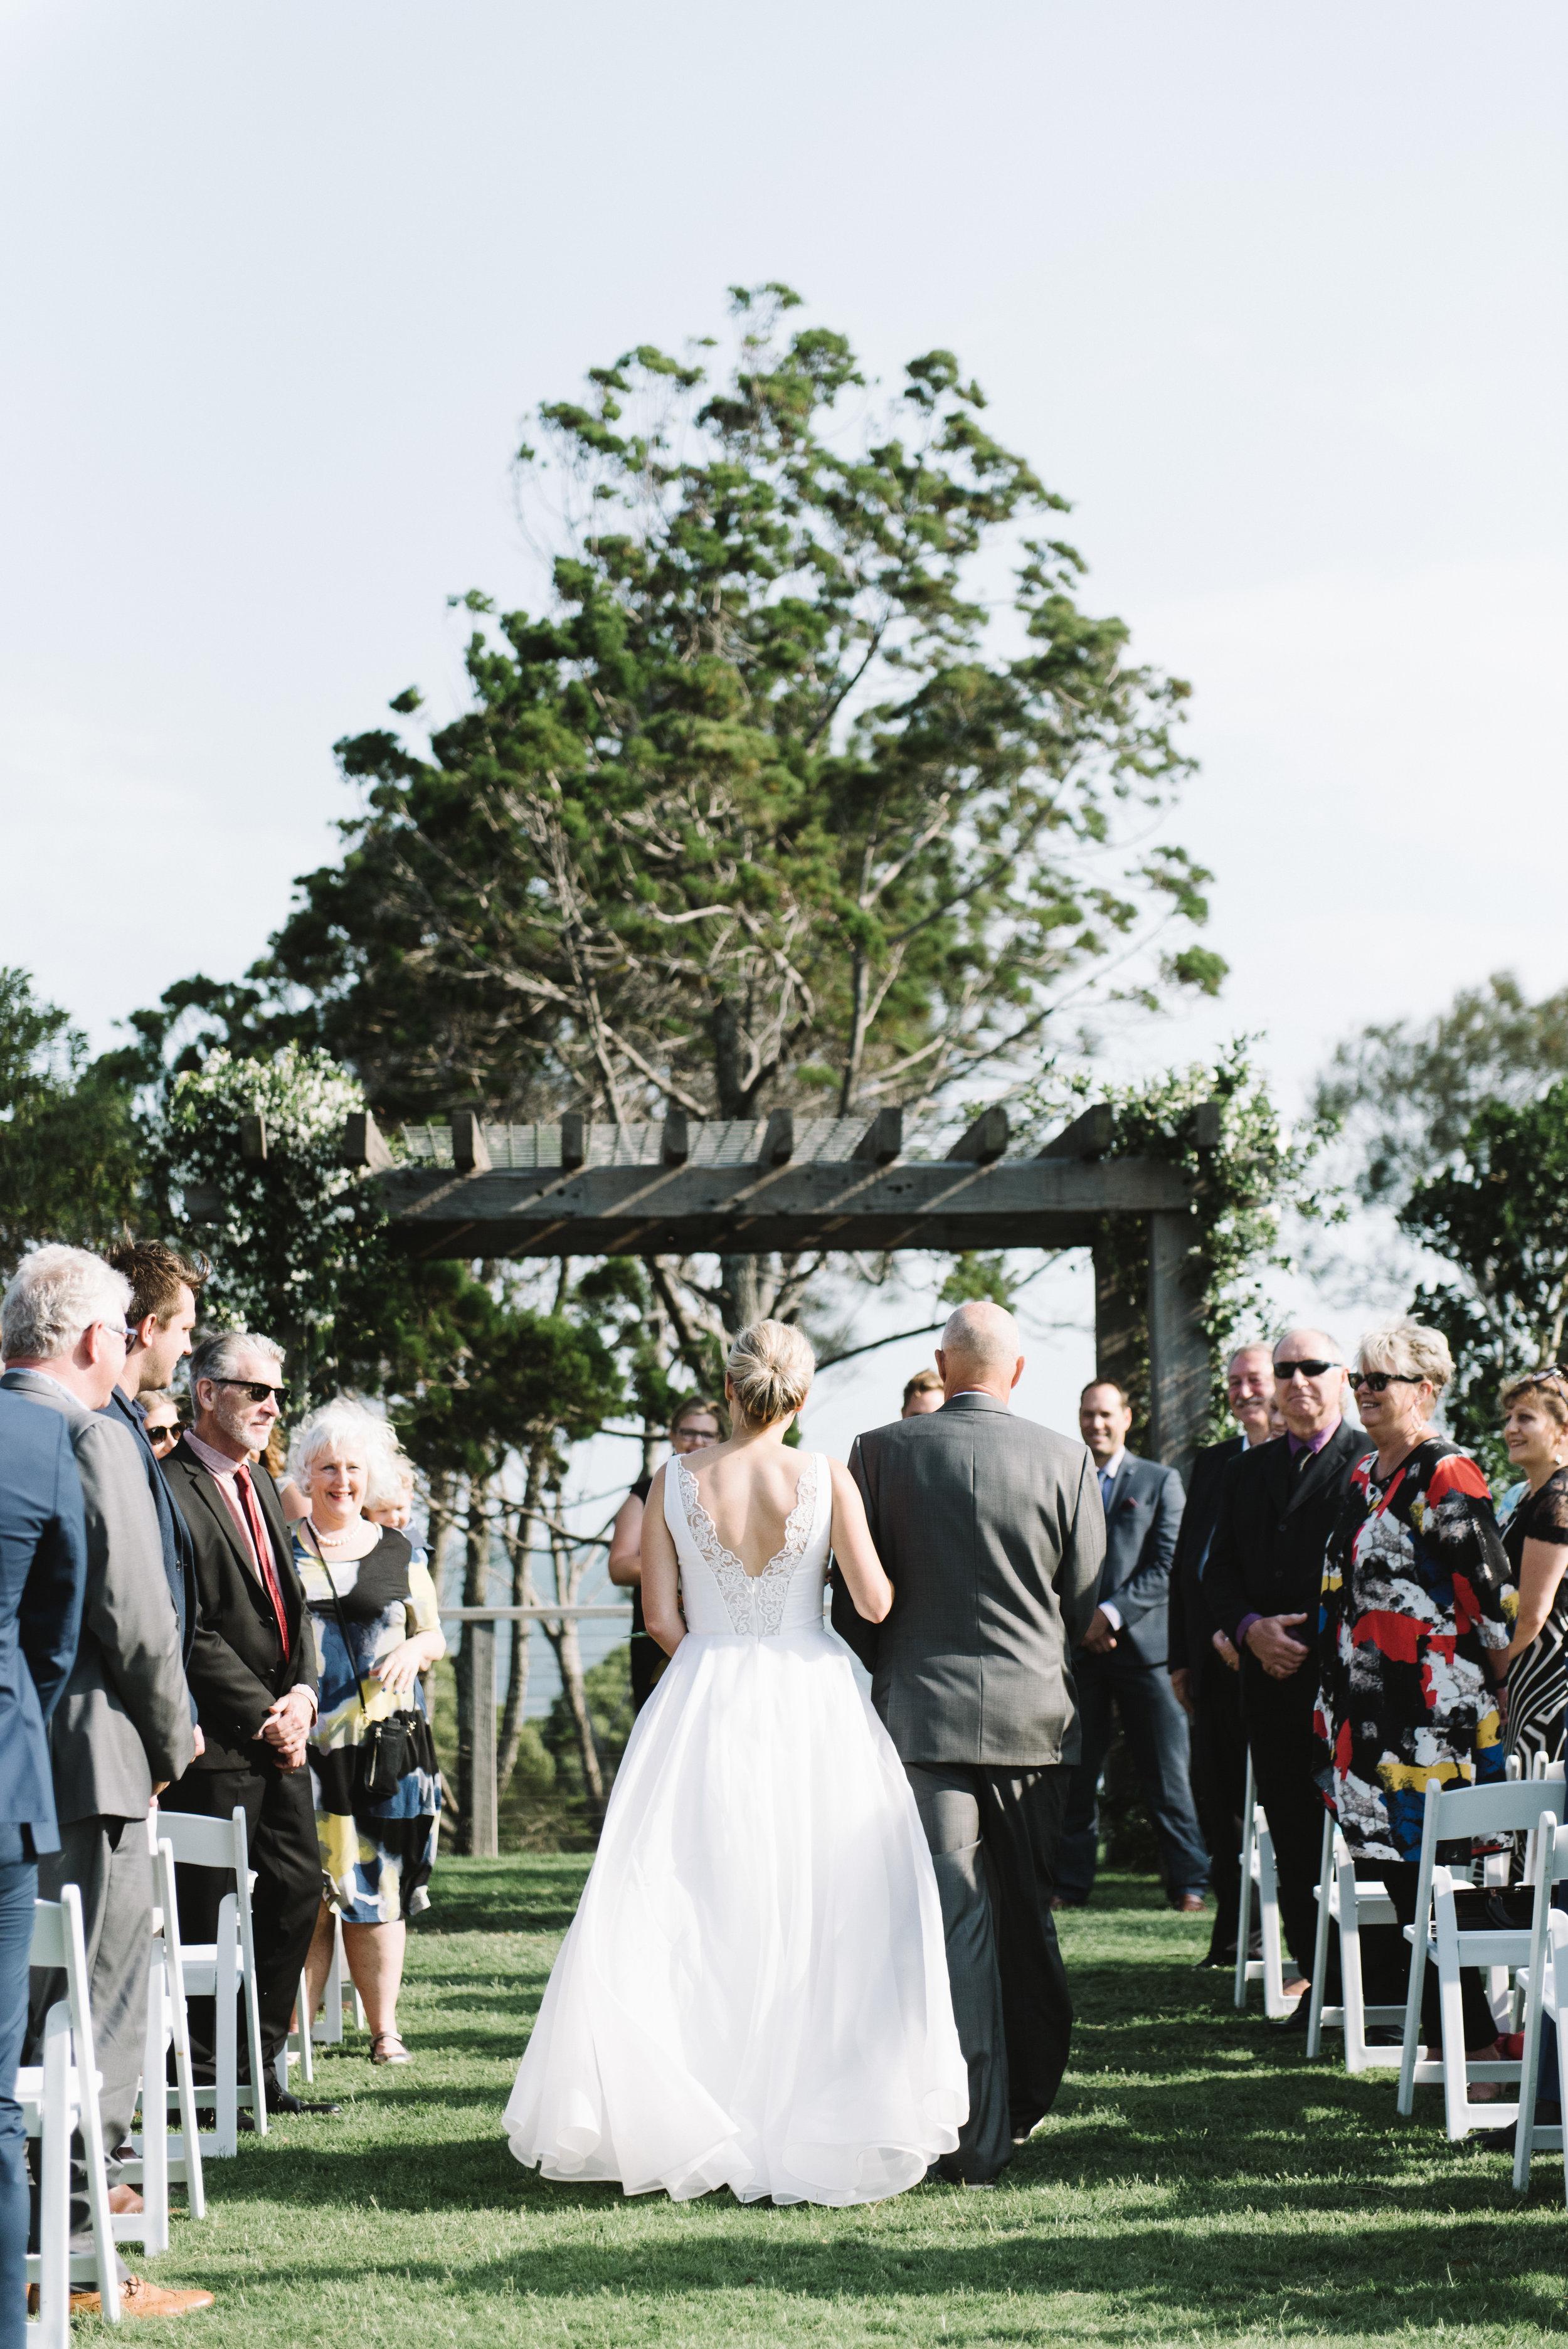 wedding-photography-brisbane-sandstone-point-hotel-bribie-island-luxewedding-21.jpg